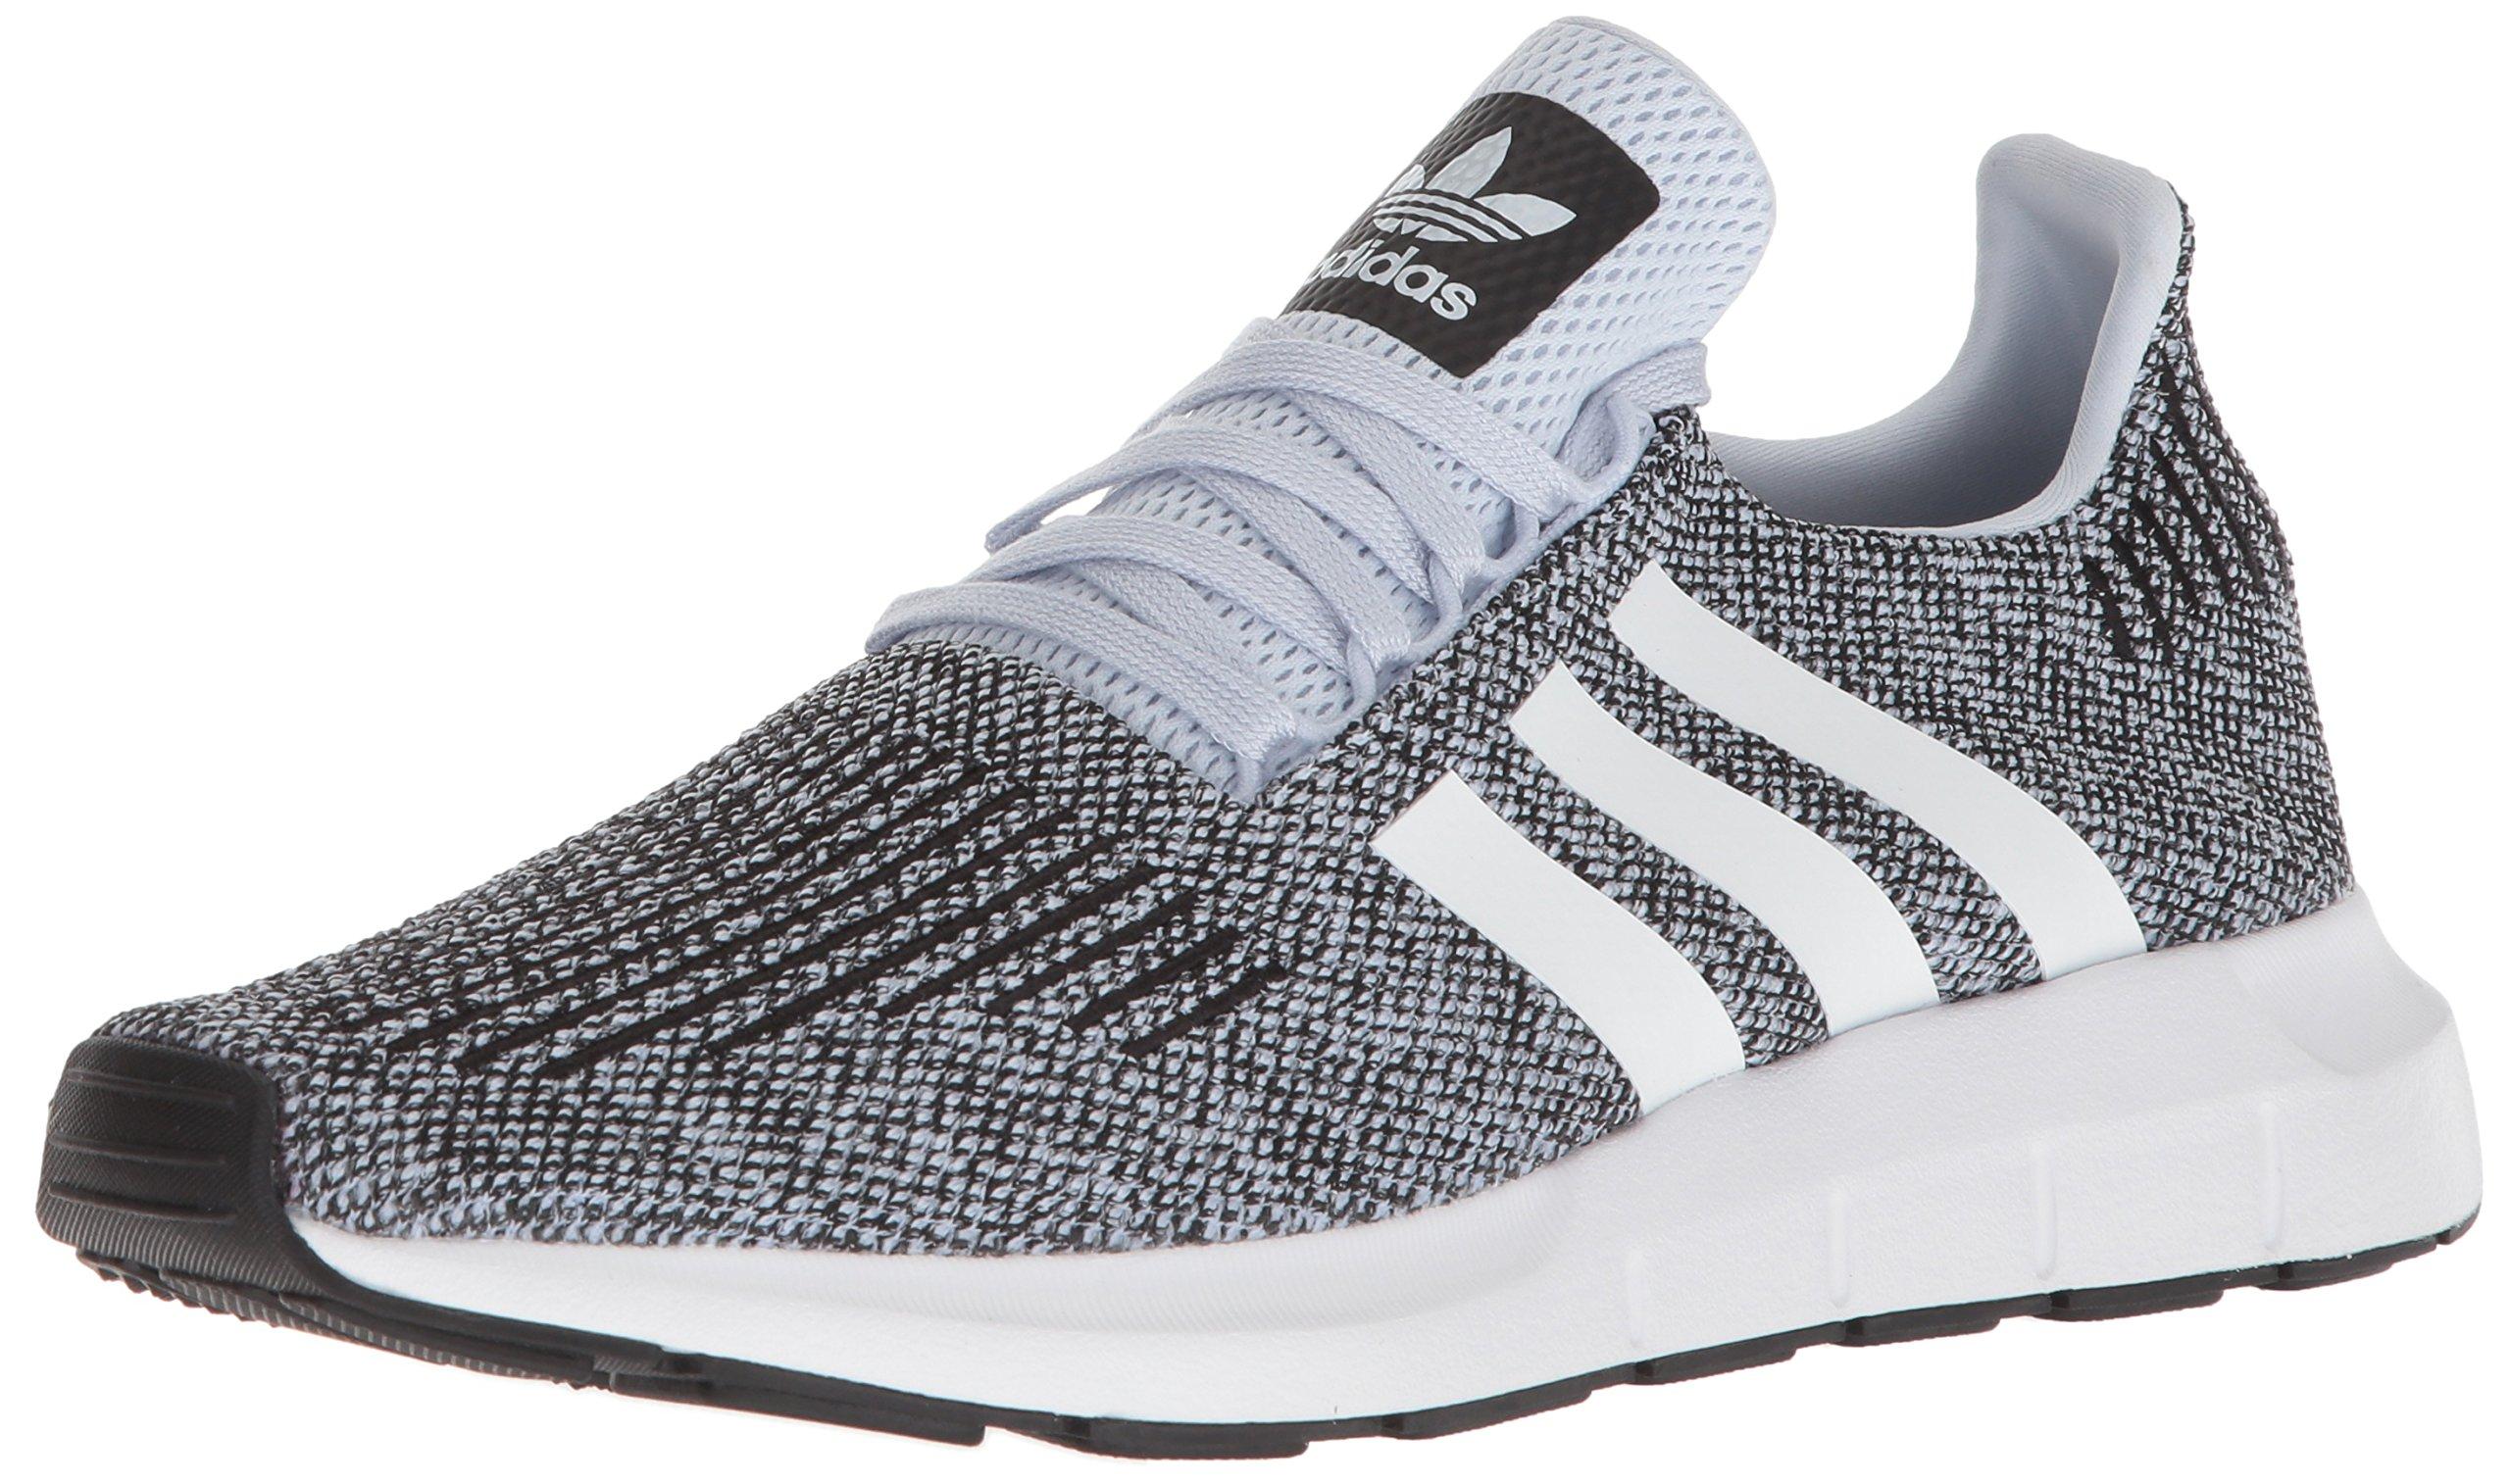 1c92a85958e4a Galleon - Adidas Originals Men s Swift Run Shoes